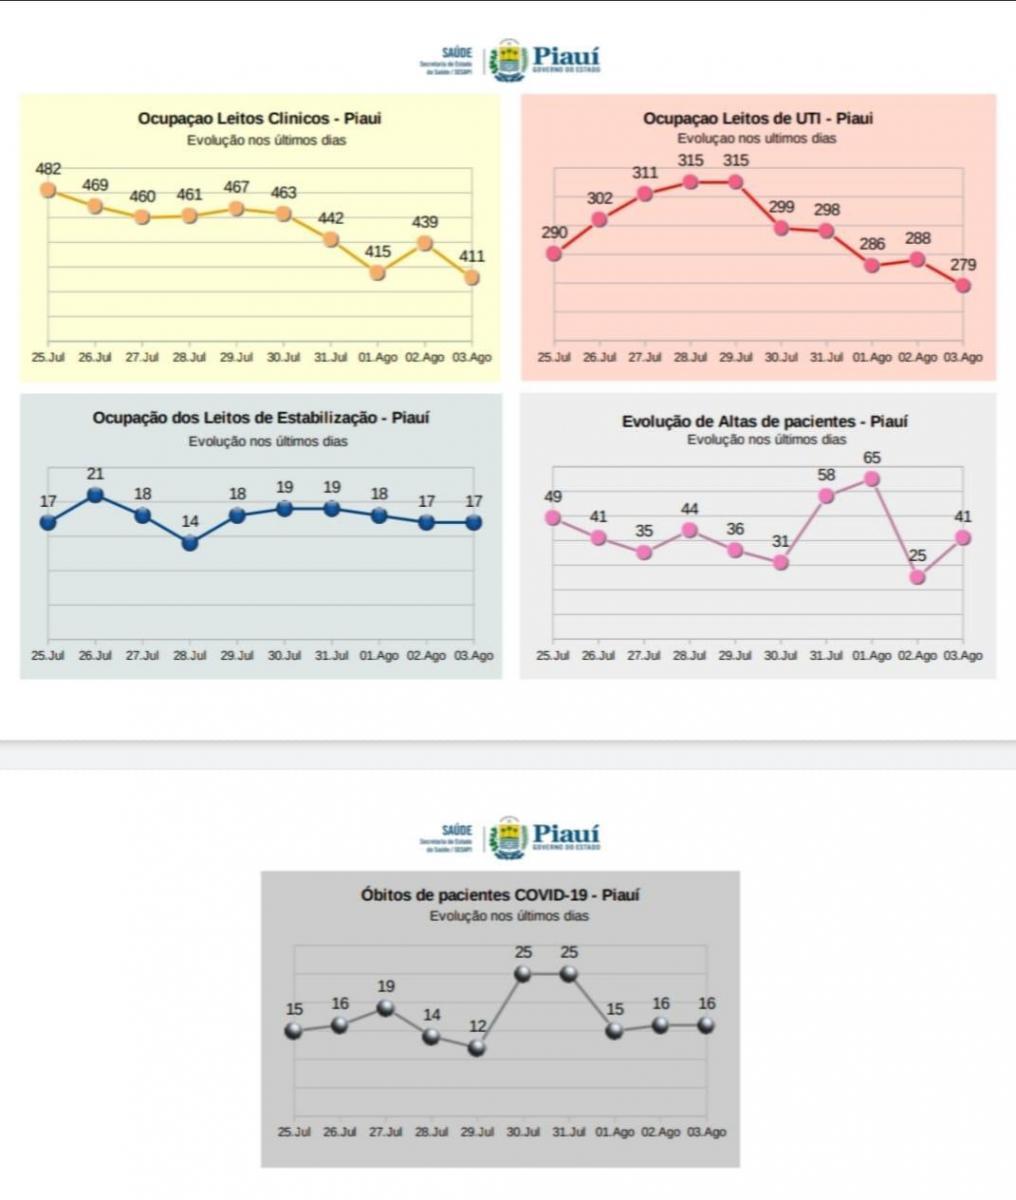 Número de internações por Covid-19 em leitos clínicos, de UTI e estabilização cai no Piauí